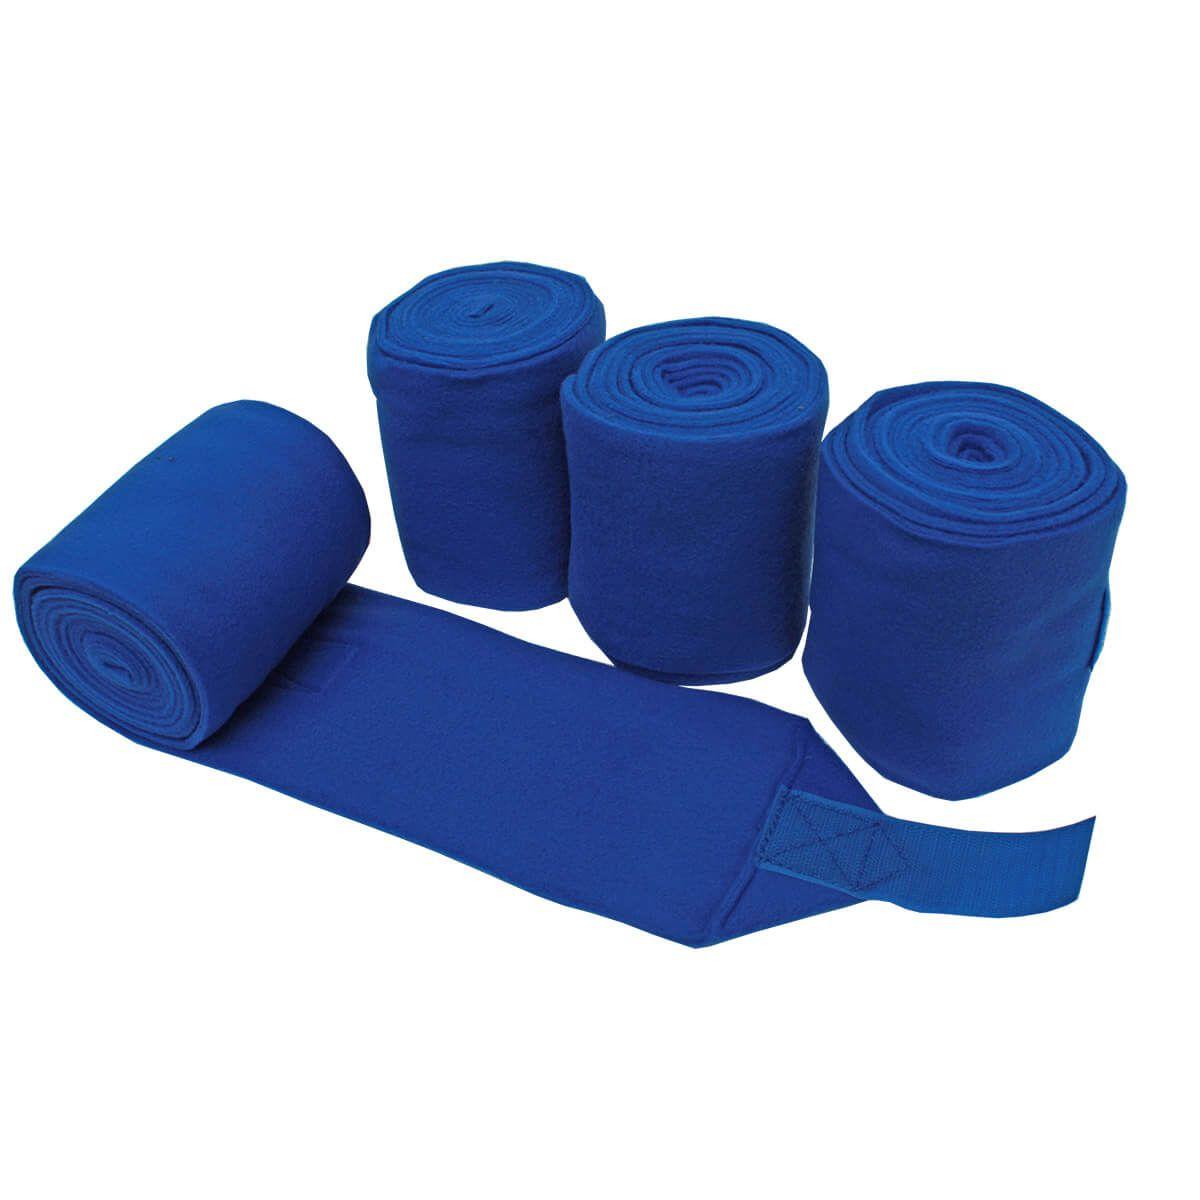 Liga de Descanso Mustang Azul